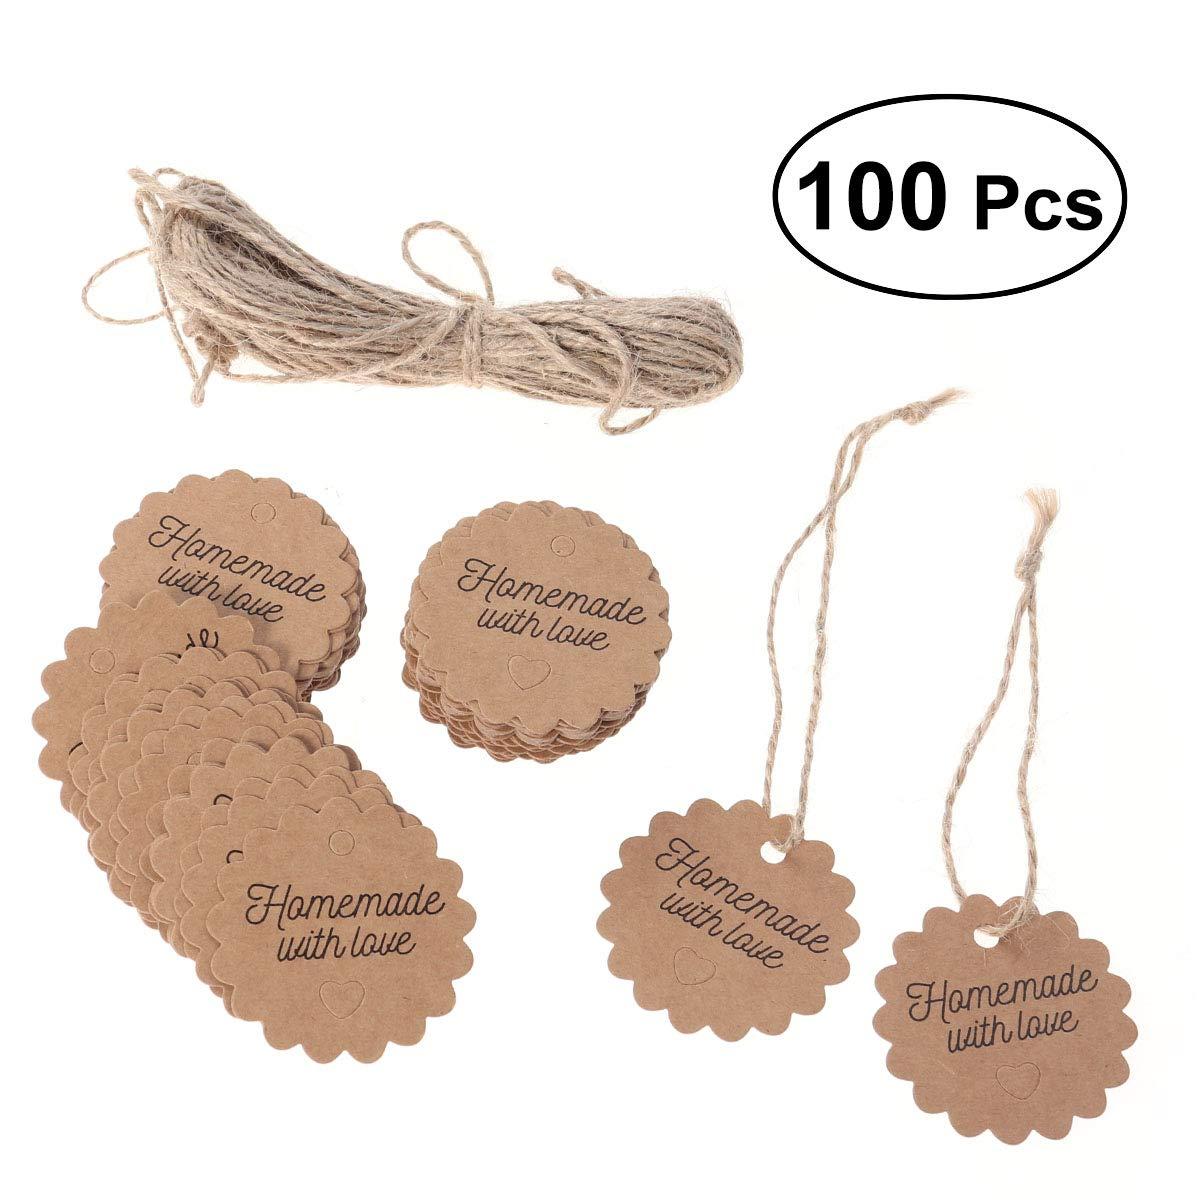 BESTOYARD Fatto a mano con lettere d'amore Tag Etichette in carta kraft Cottura etichette per alimenti Etichette appese 100 pezzi (Cerchio, 5x5cm)